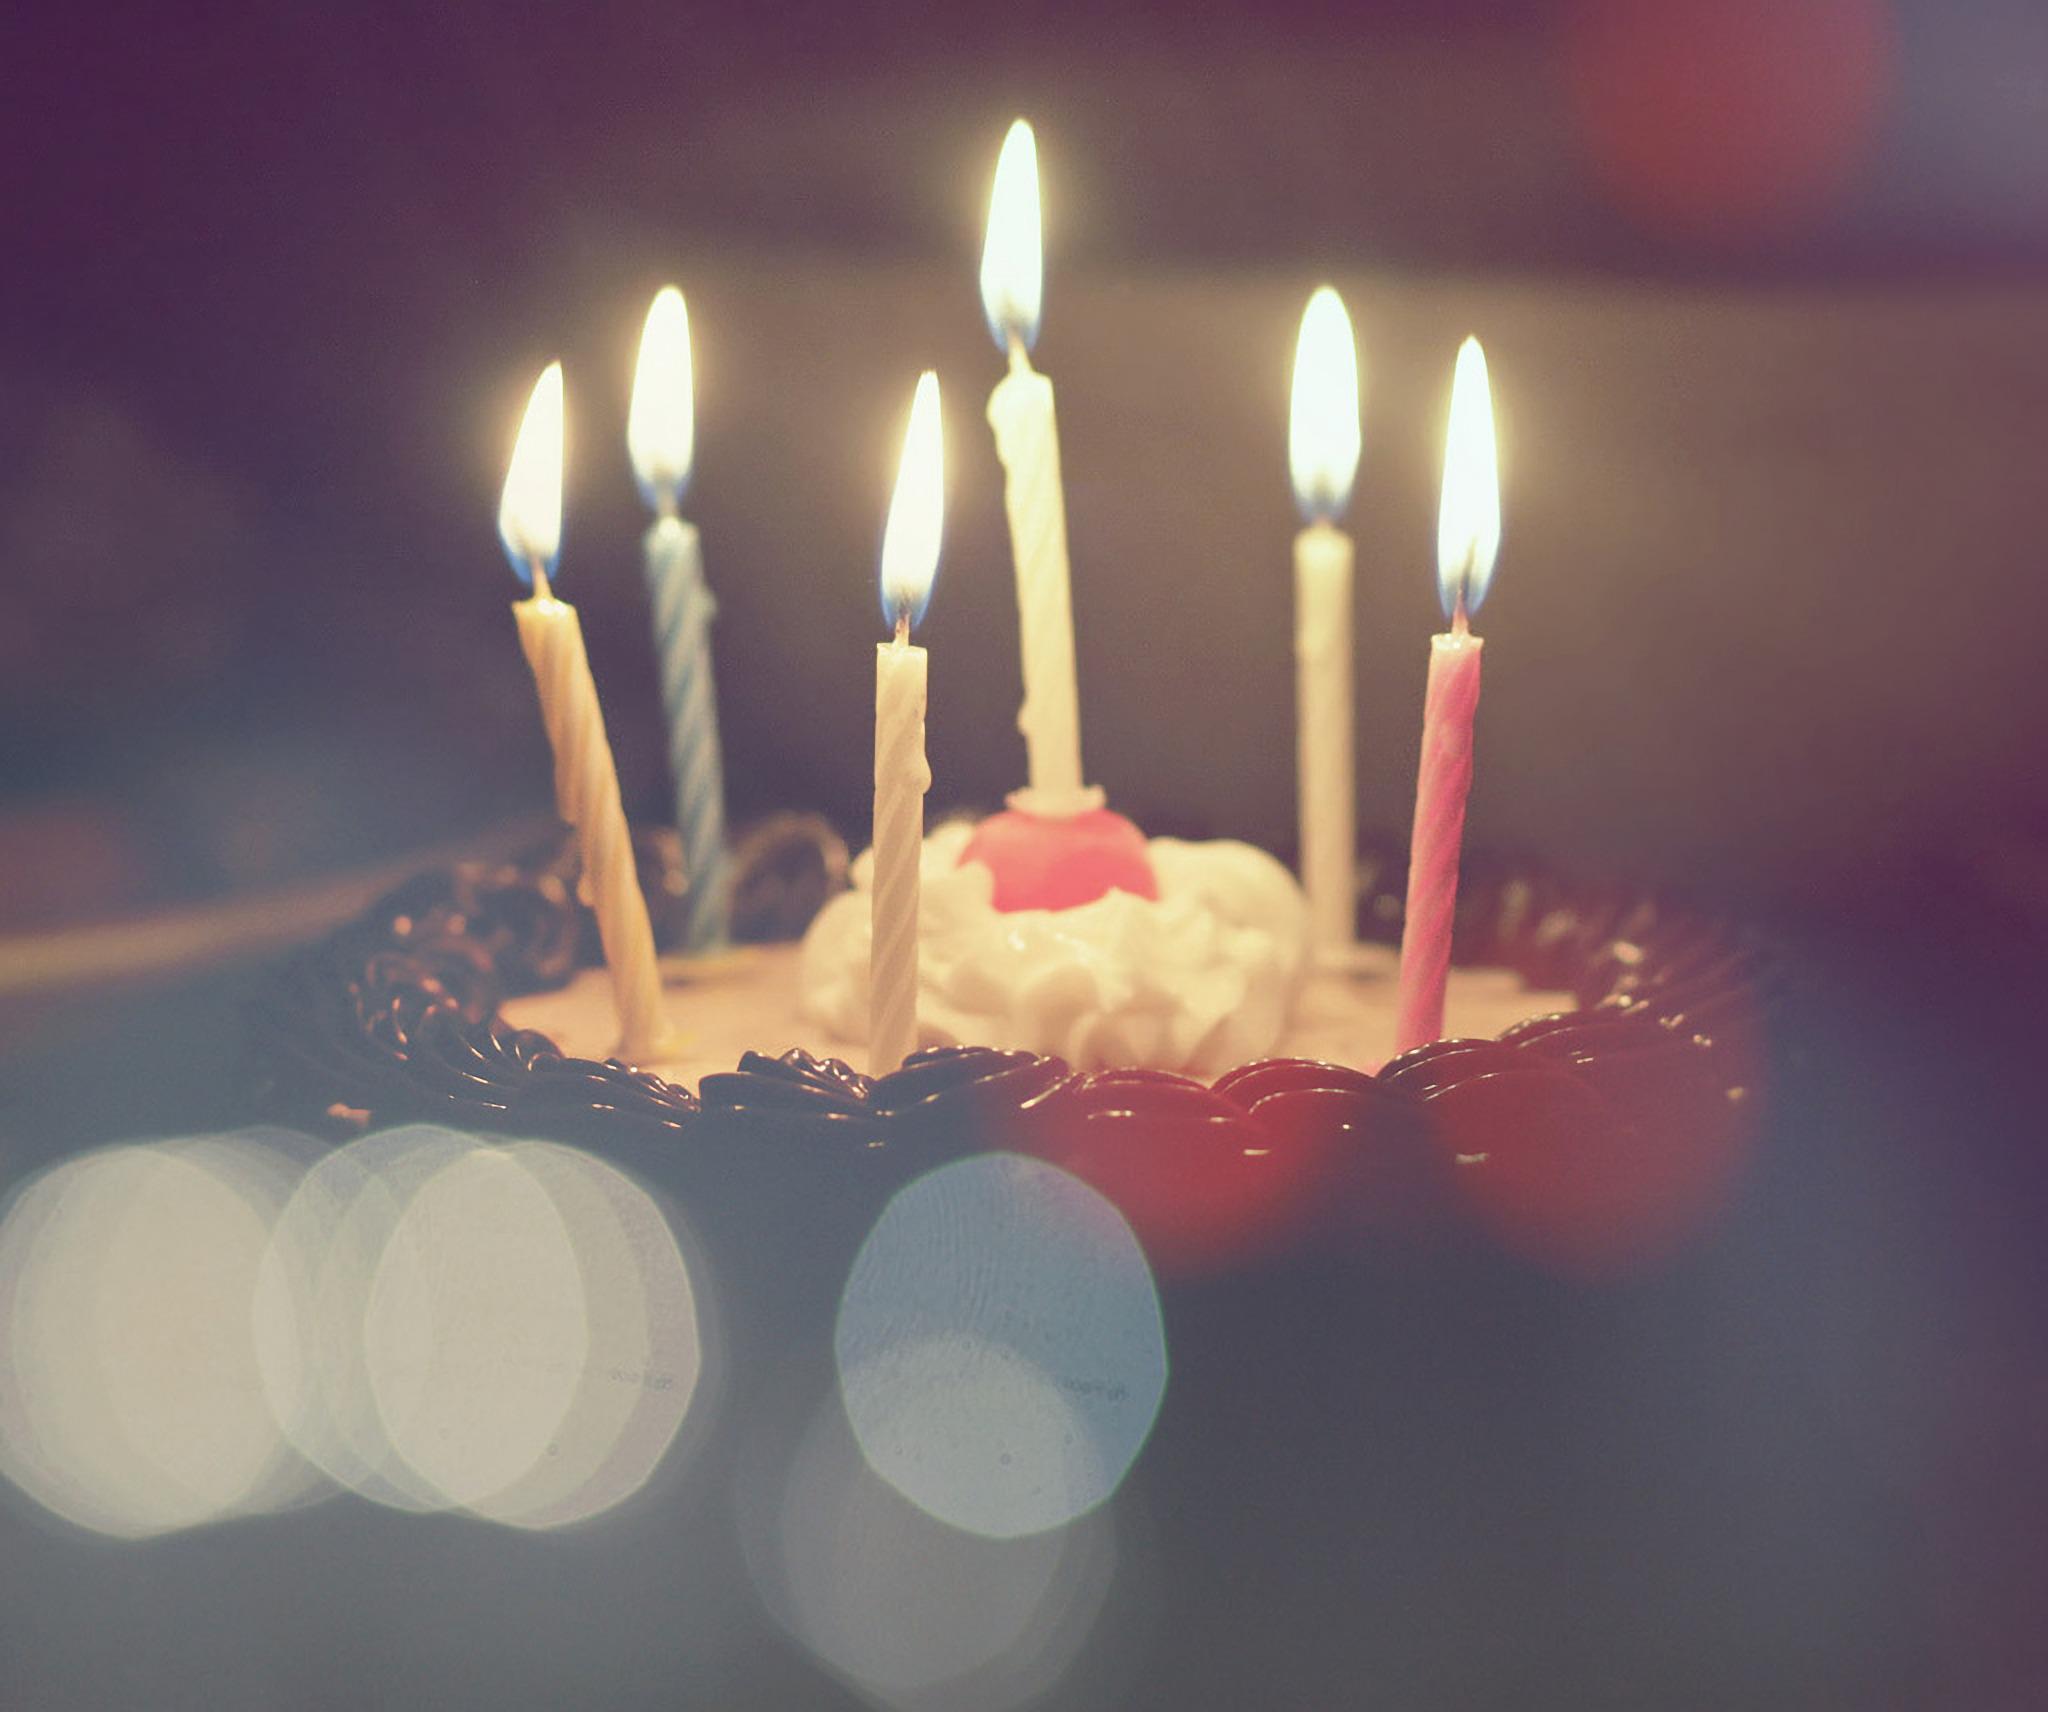 祝自己生日快乐图片字